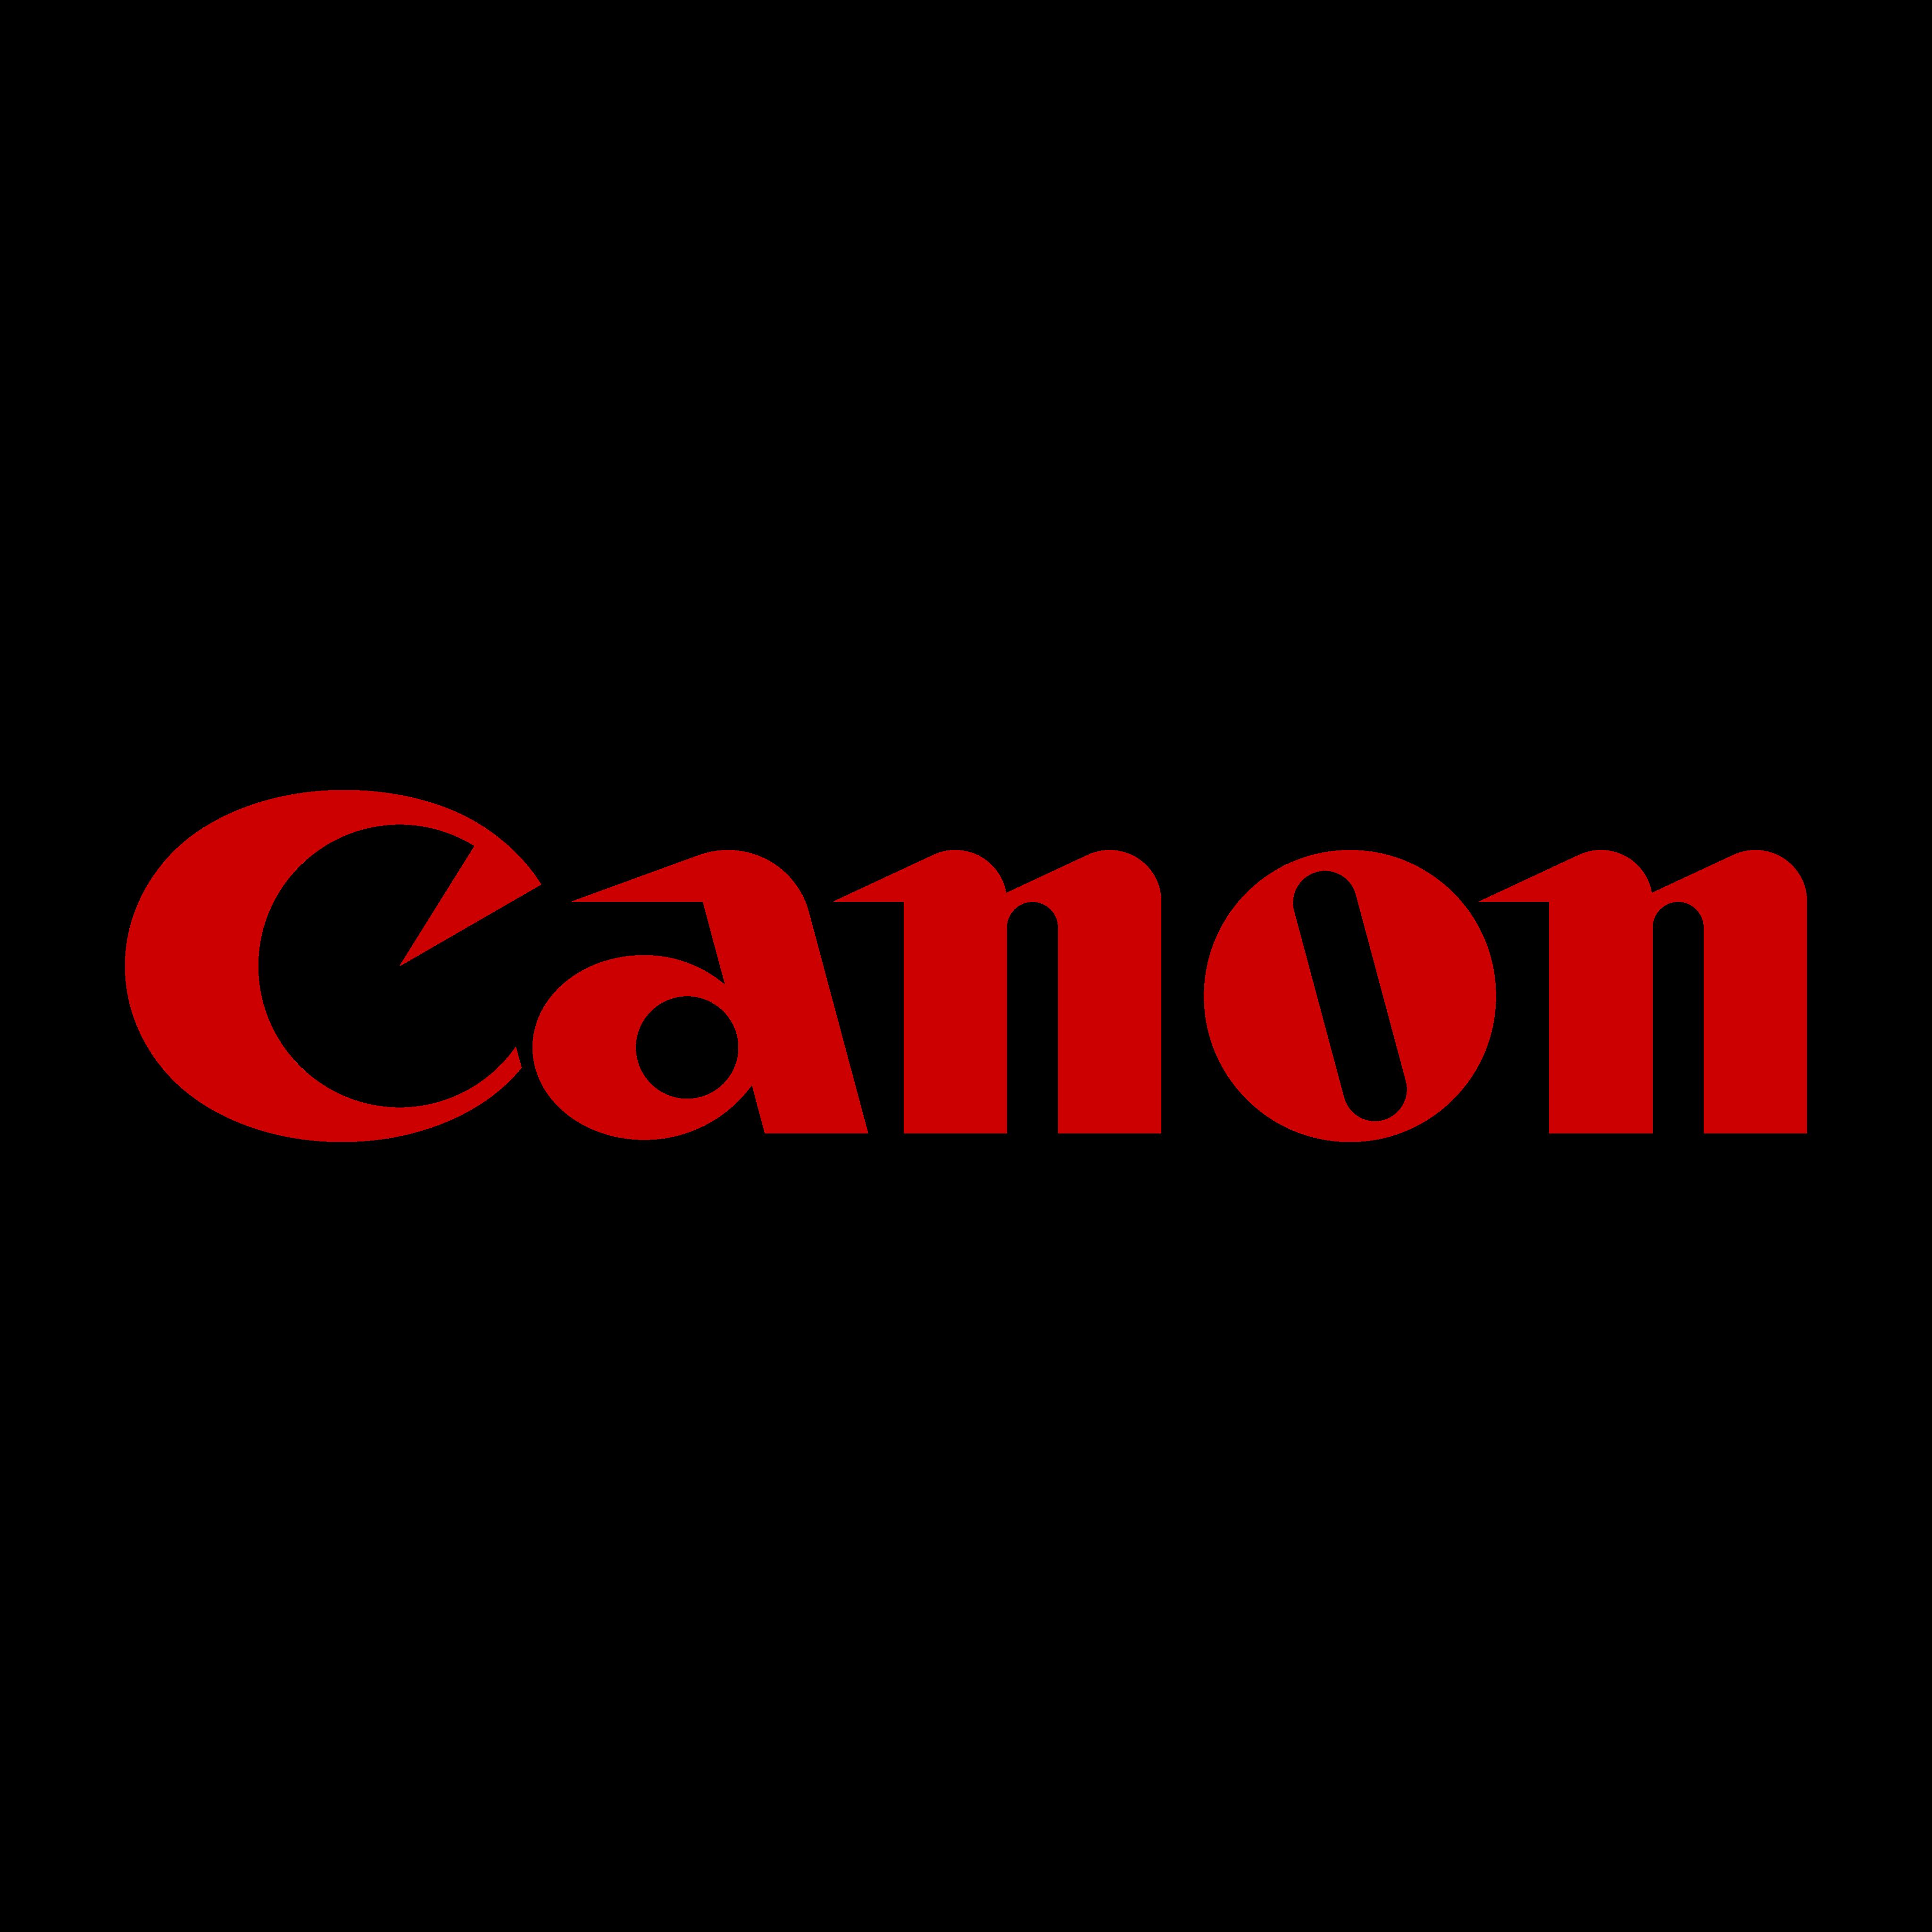 canon logo 0 - Canon Logo